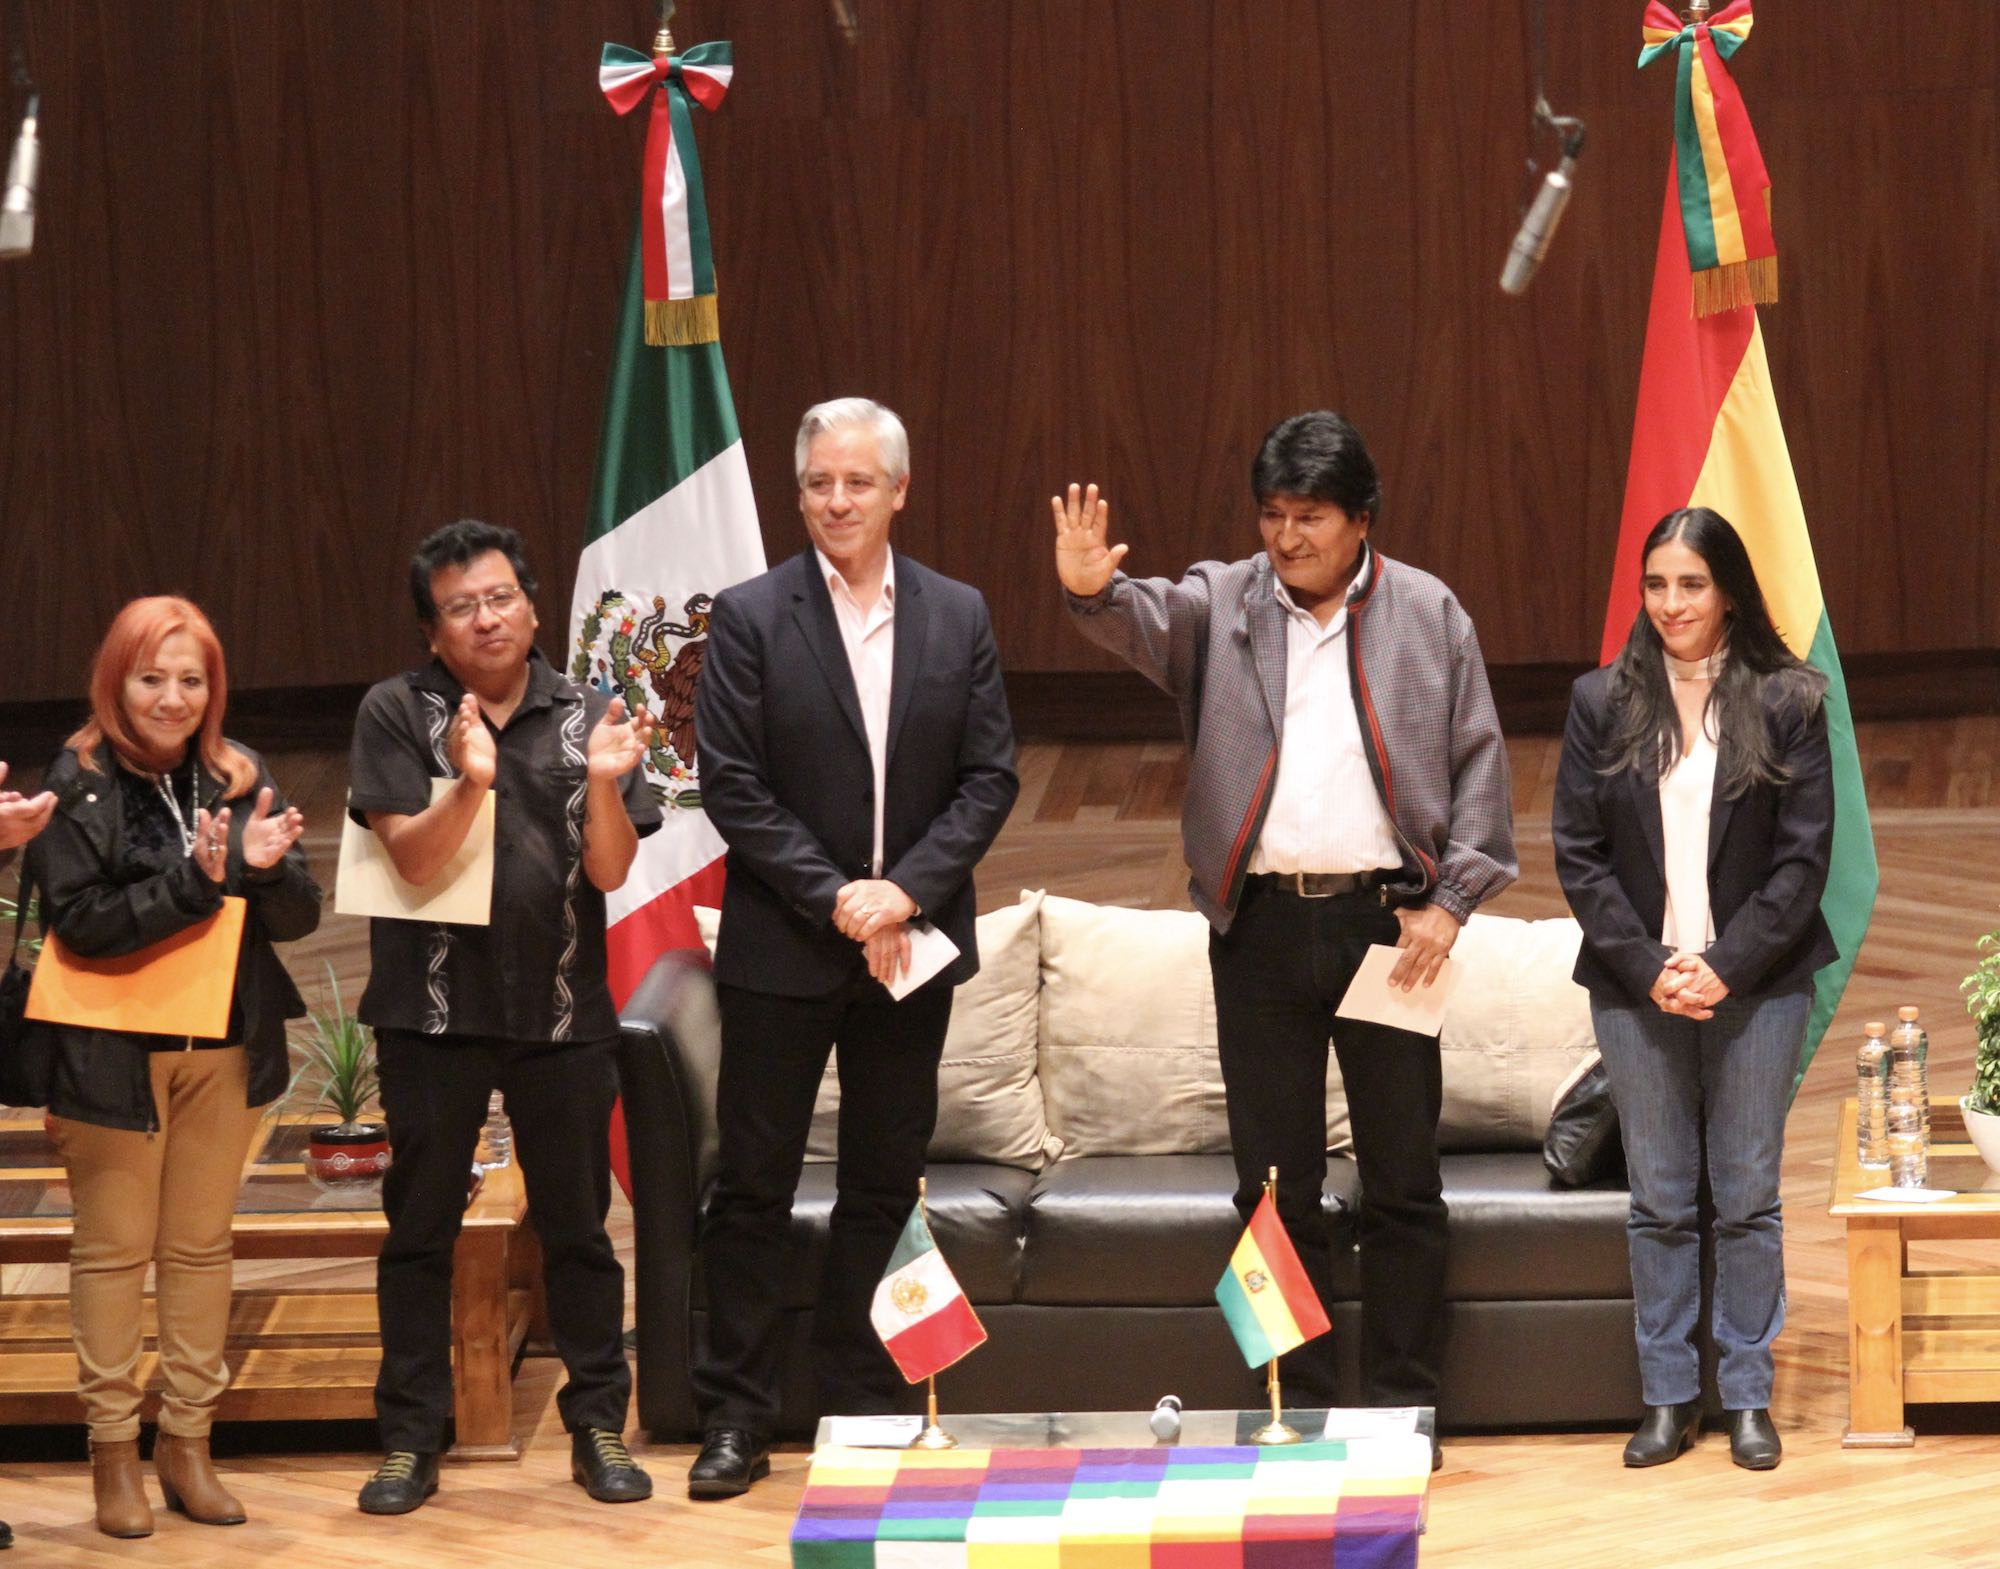 México: ¿A quiénes ha dado asilo político nuestro país?